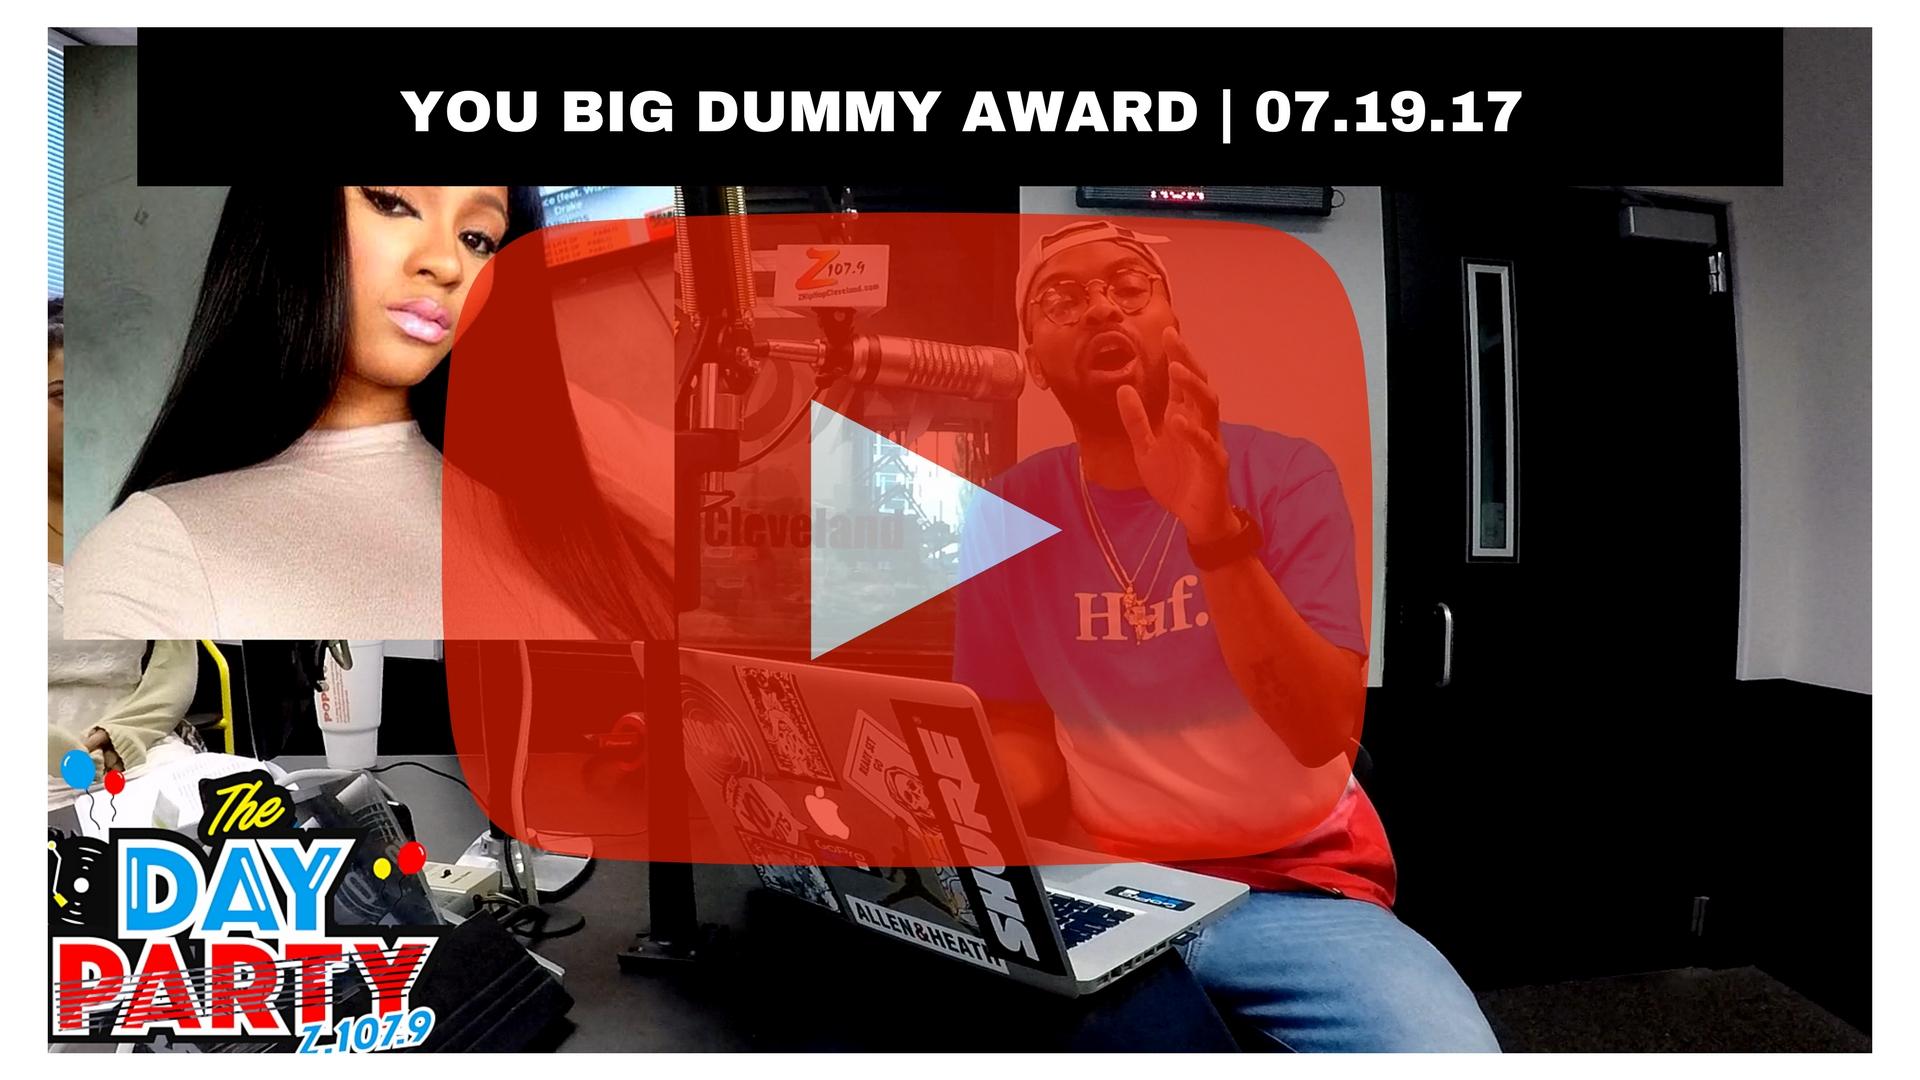 YOU BIG DUMMY AWARD 07.19.17THUMB